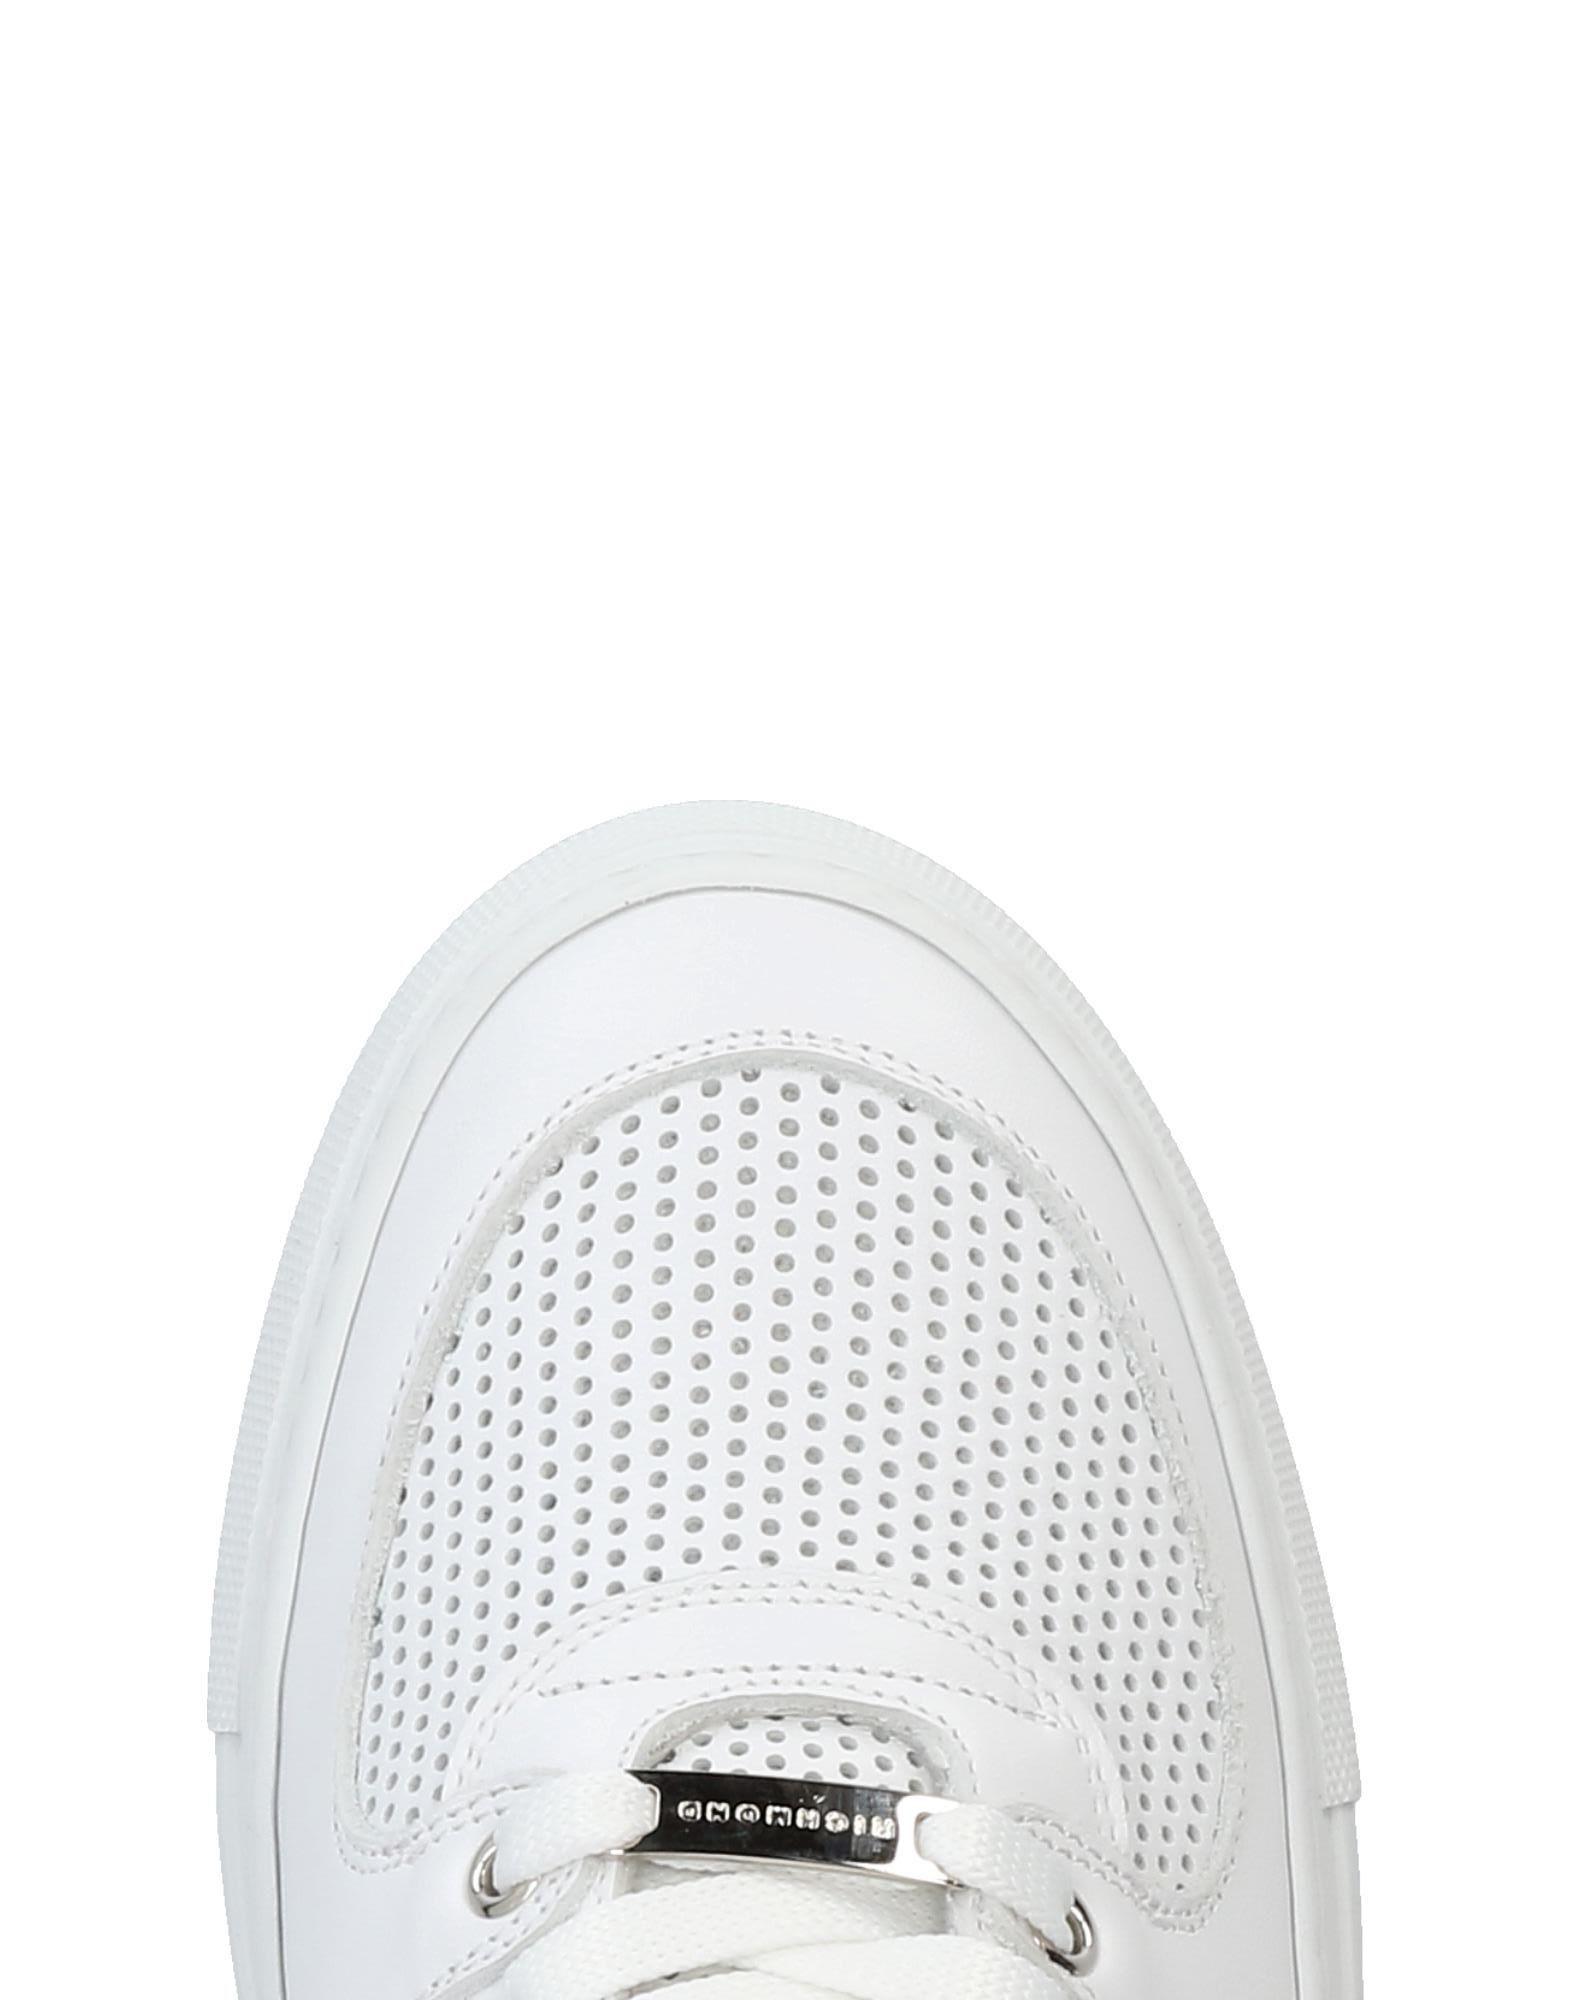 Rabatt echte Schuhe Schuhe echte Richmond Sneakers Herren  11425041FM 67d325